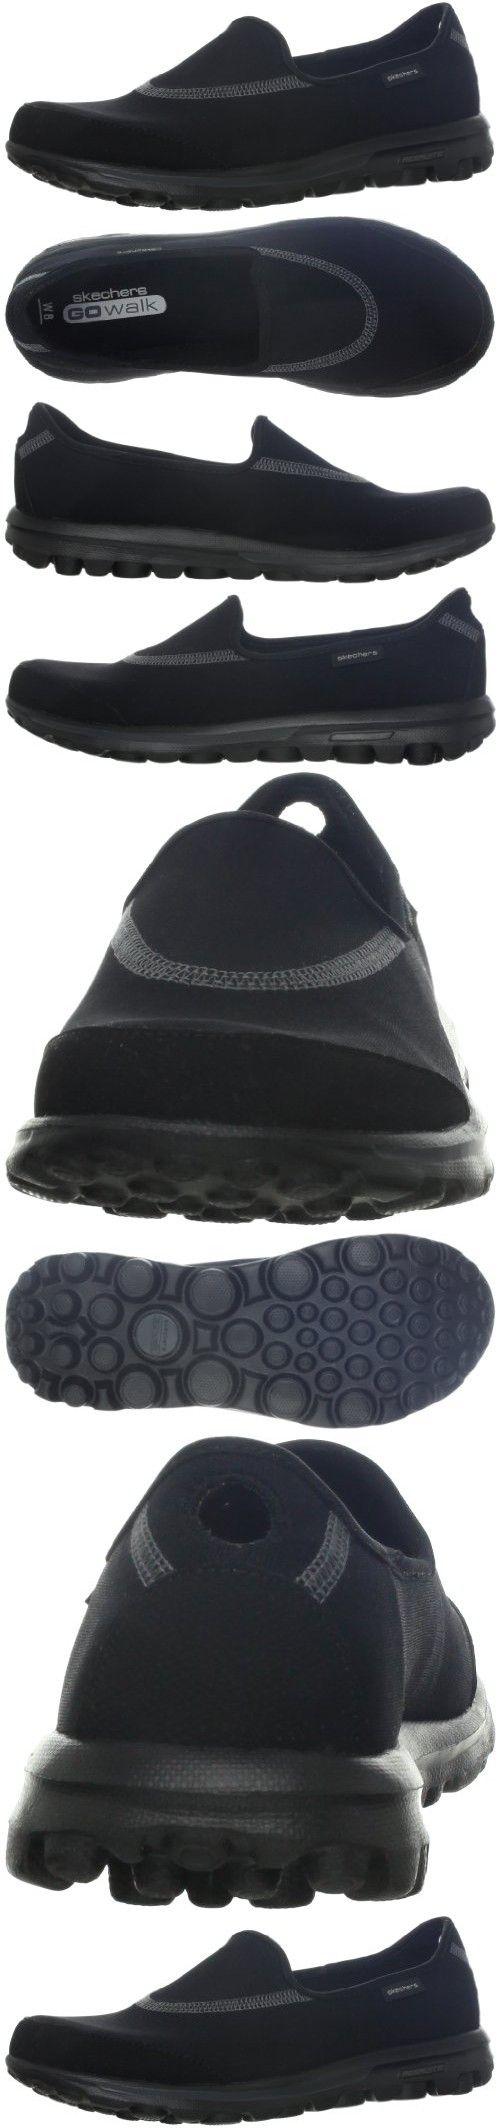 Skechers Go Step-Velvety Mujer US 7.5 Marrón Zapatos para Caminar CT9la